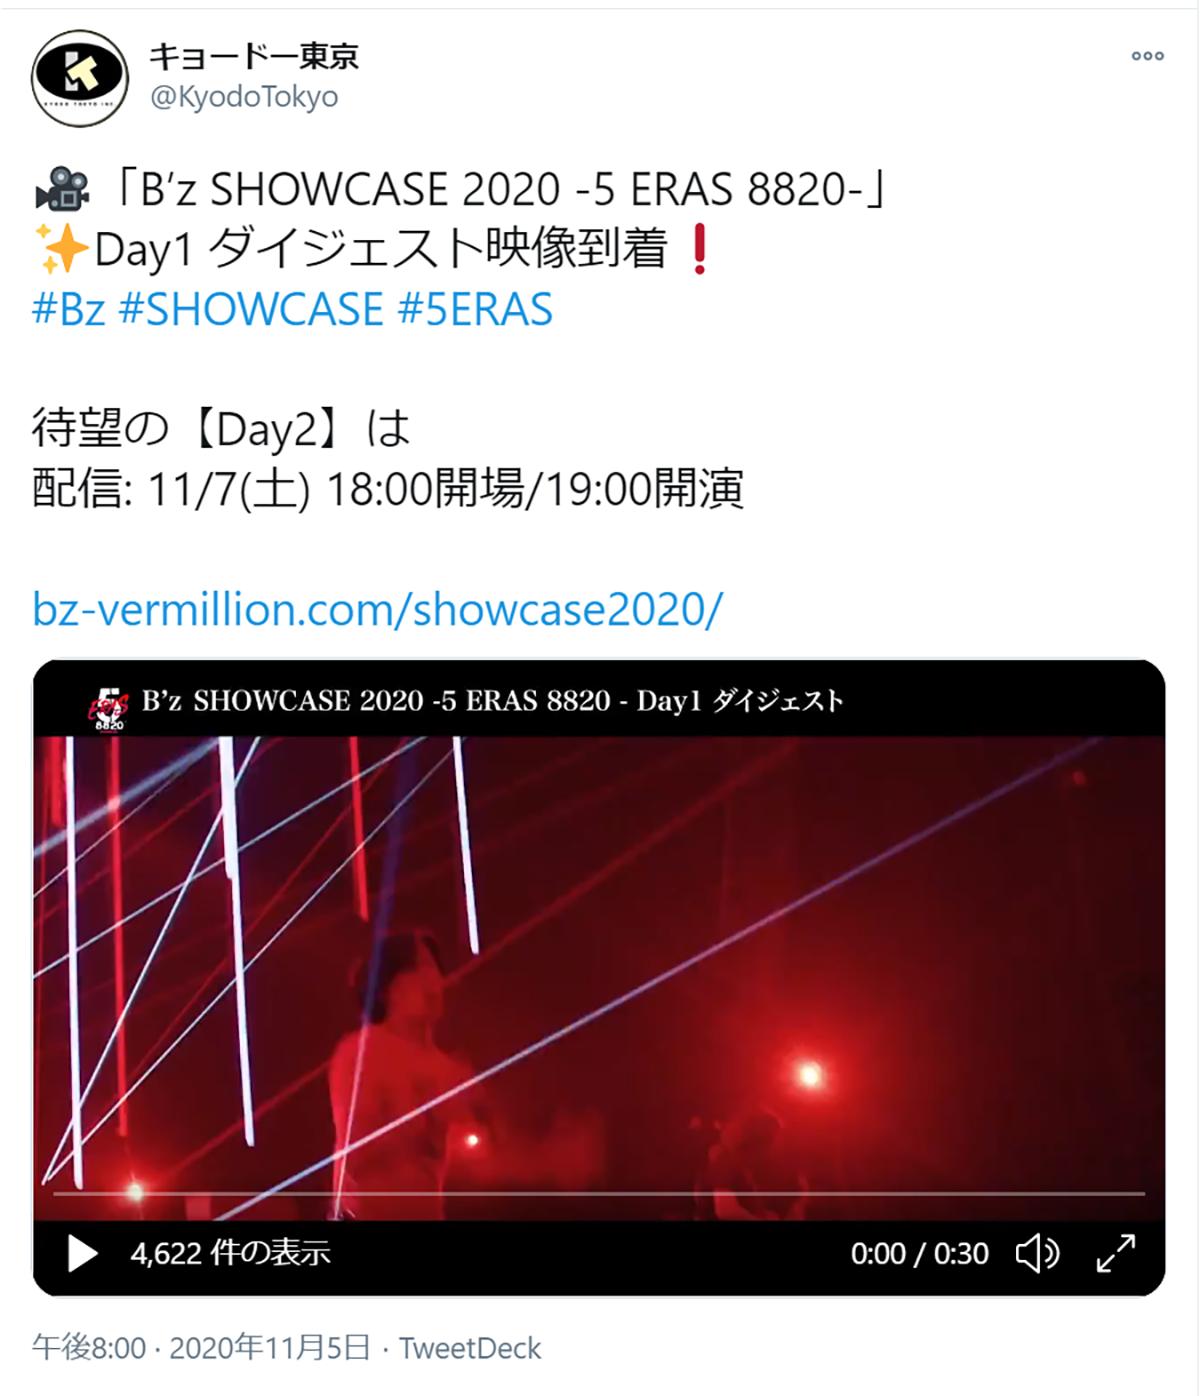 キョードー東京がTwitter公開したB'z無観客配信ライブのダイジェスト映像